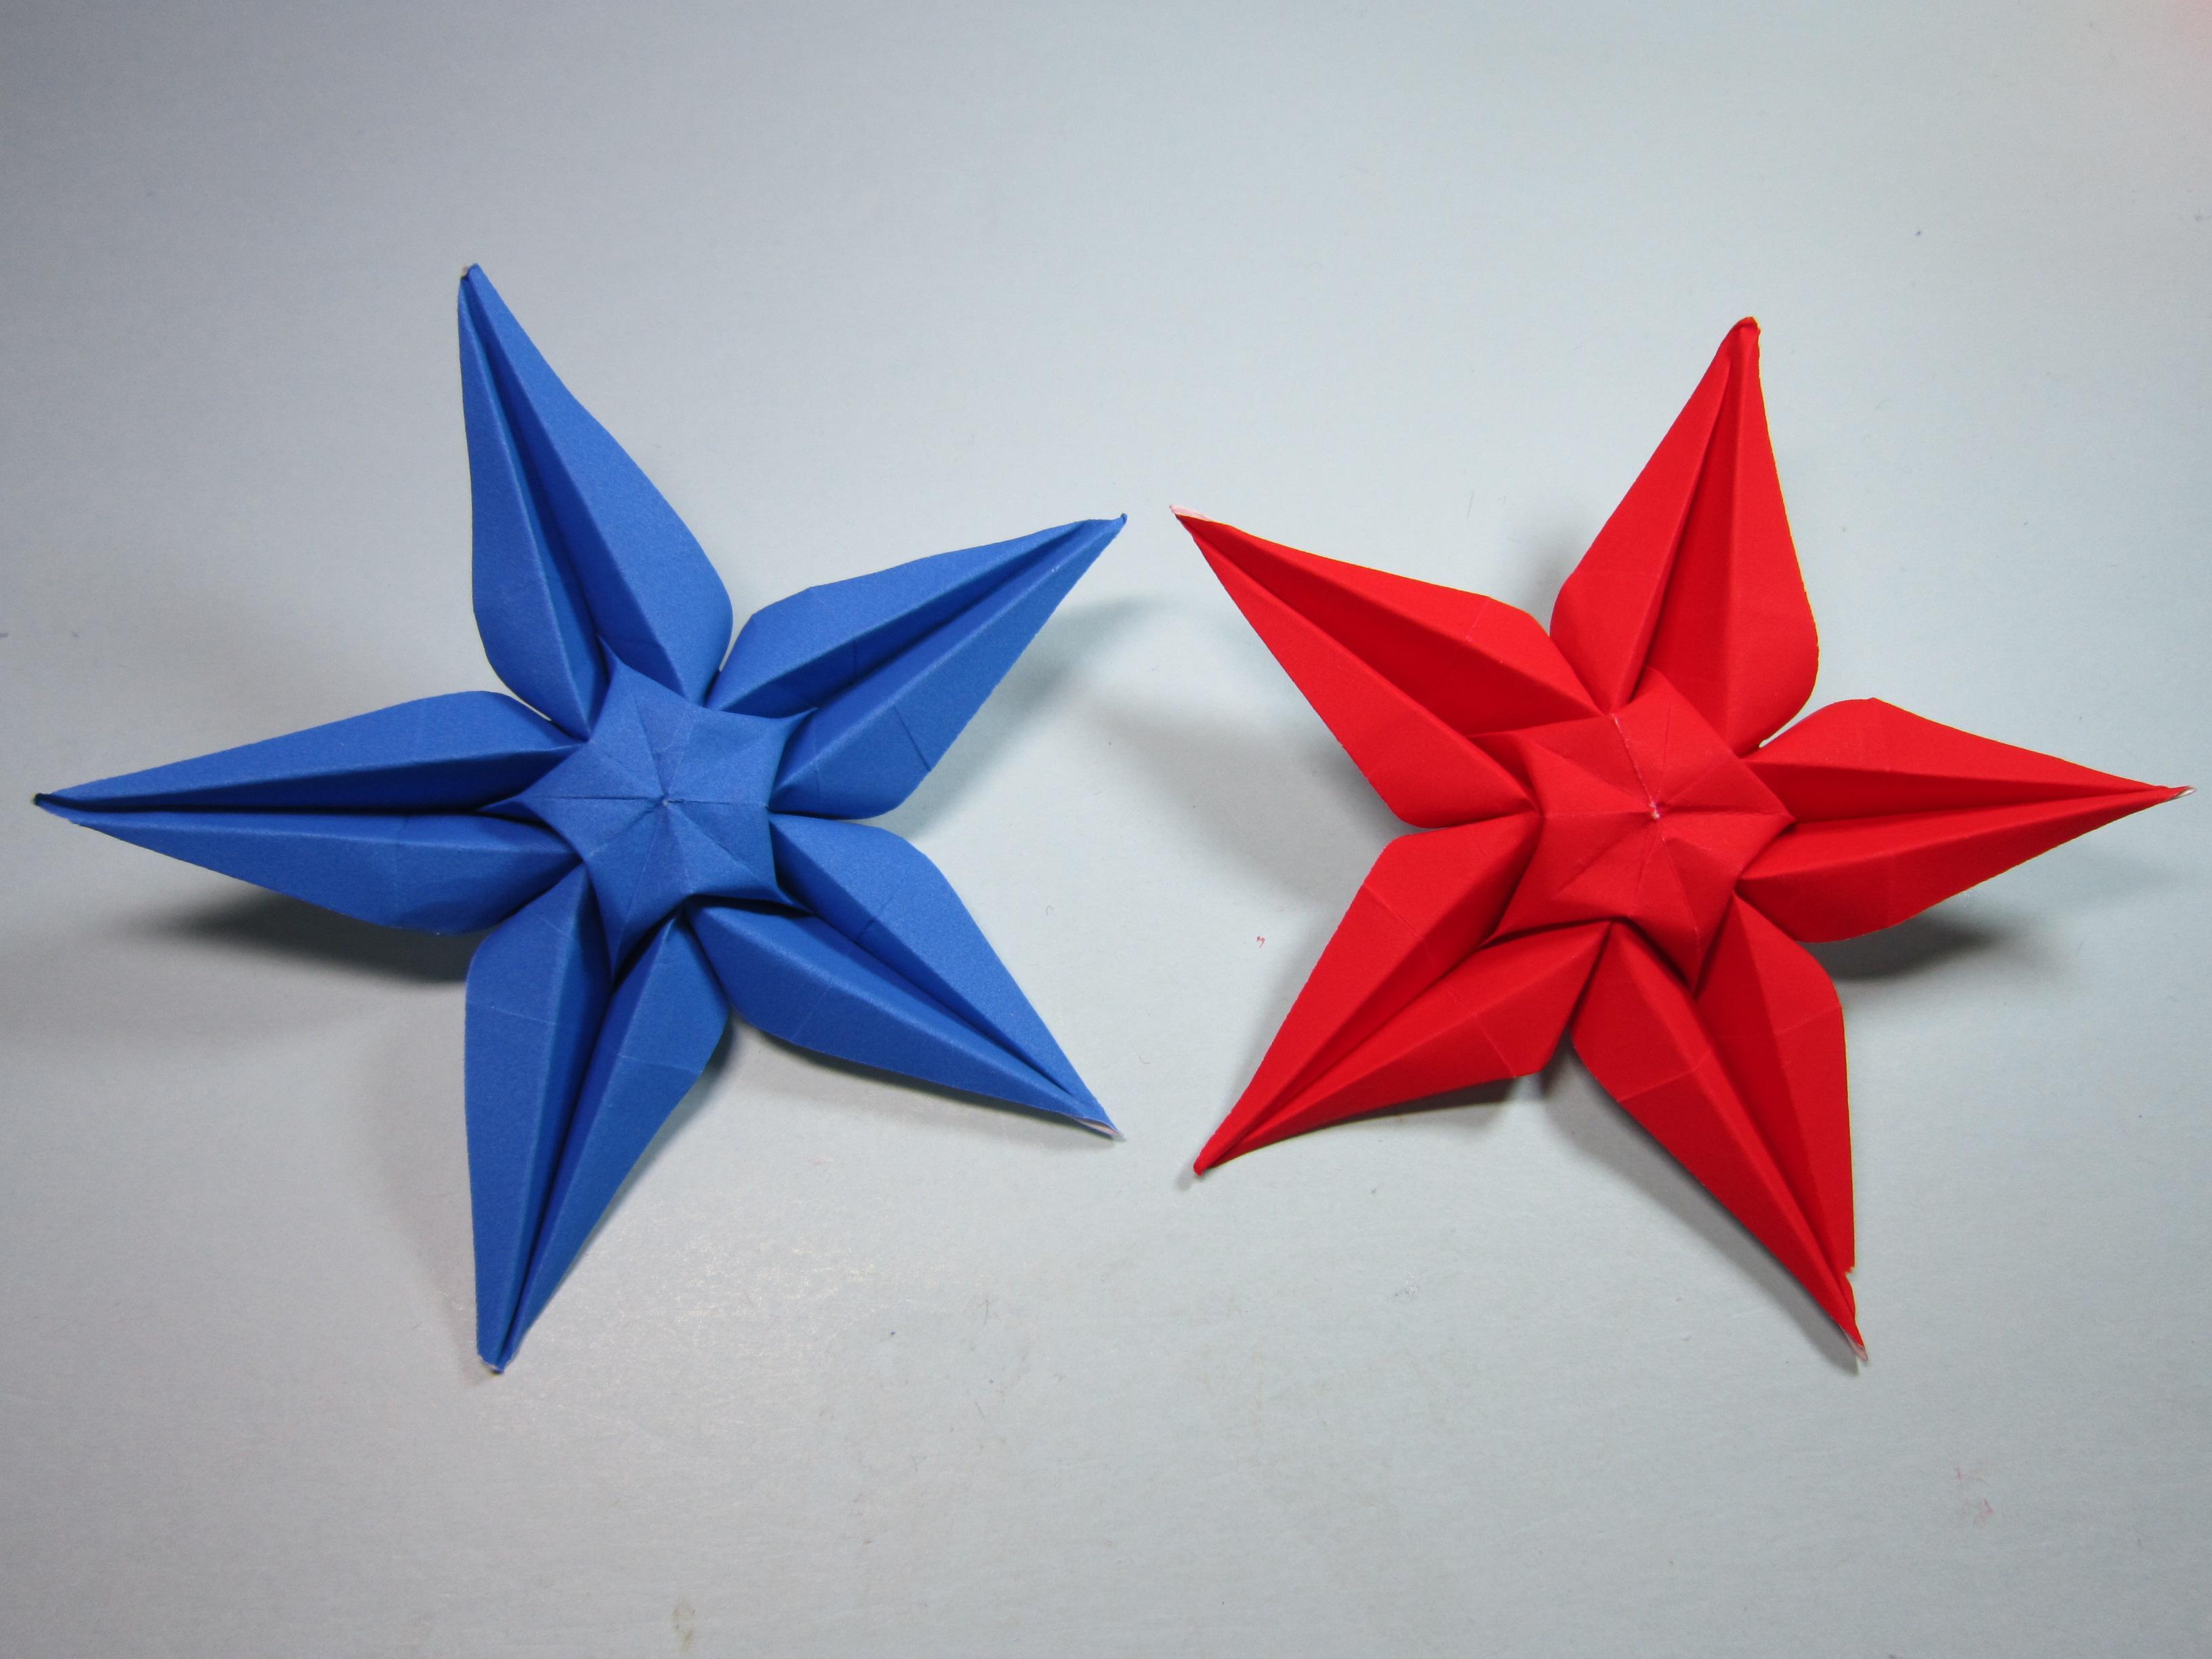 壁纸 动物 手工 纸制玩具 桌面 3264_2448